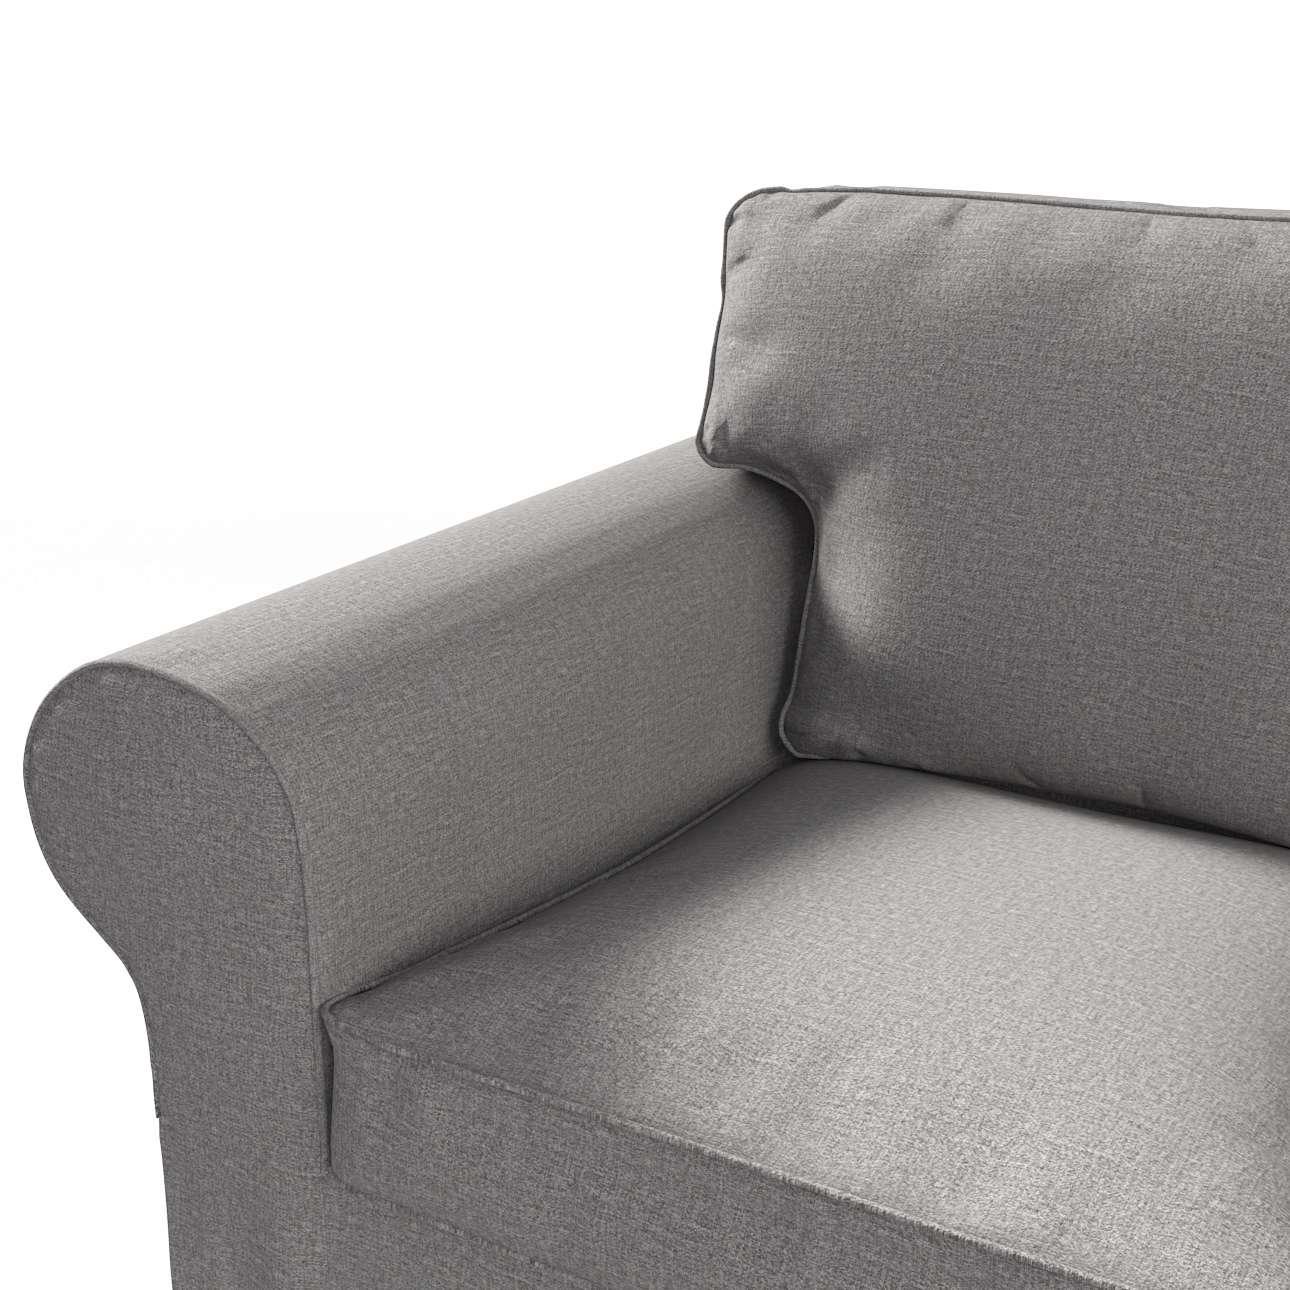 Pokrowiec na sofę Ektorp 3-osobową, rozkładaną, PIXBO w kolekcji Edinburgh, tkanina: 115-81